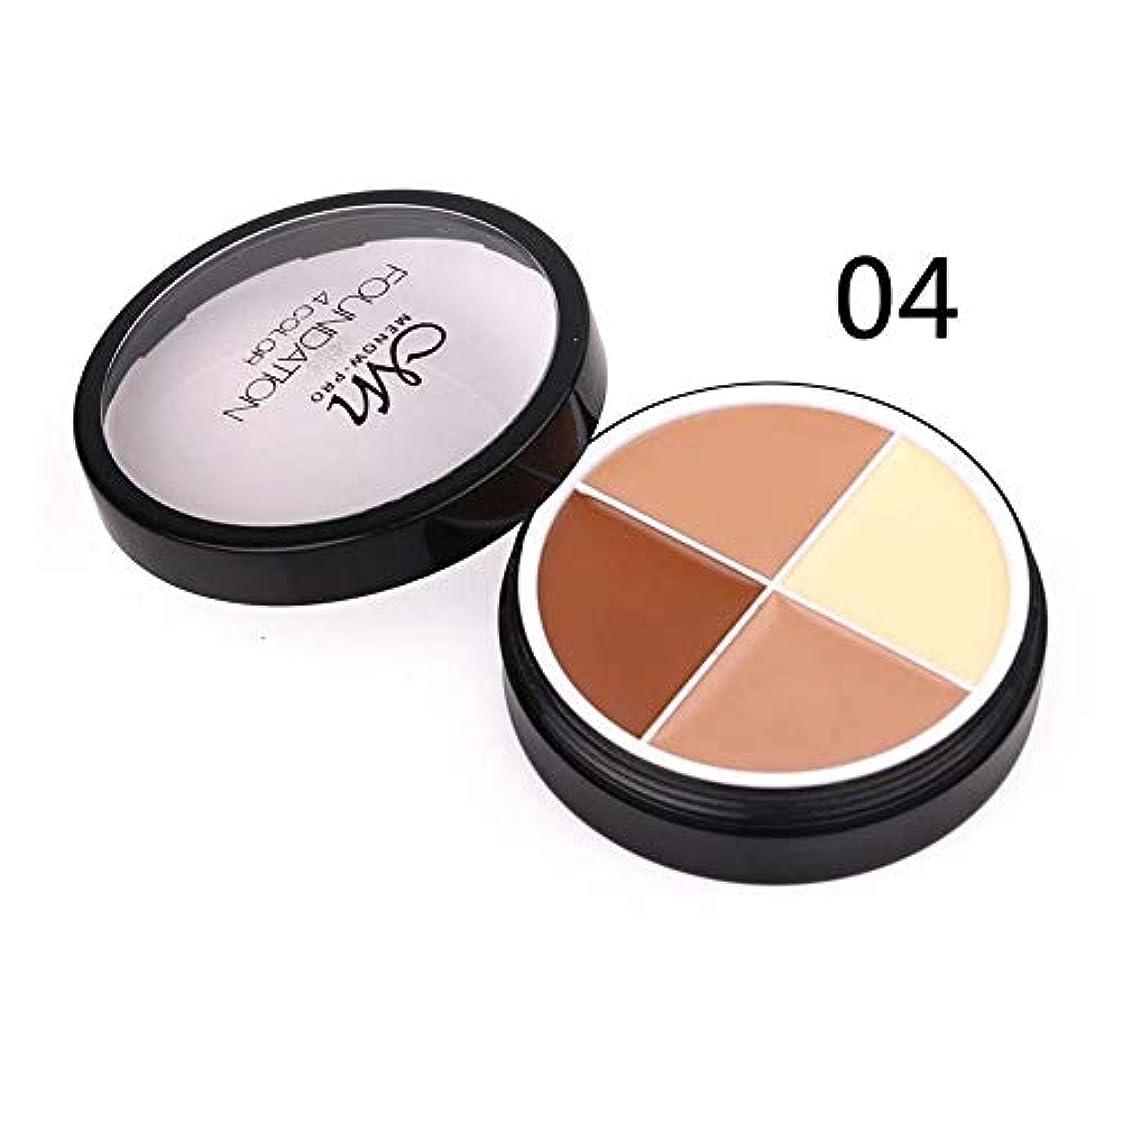 Eye Shadow 4色のアイシャドーマット多色セットアイメーク舞台アイシャドウ (04)